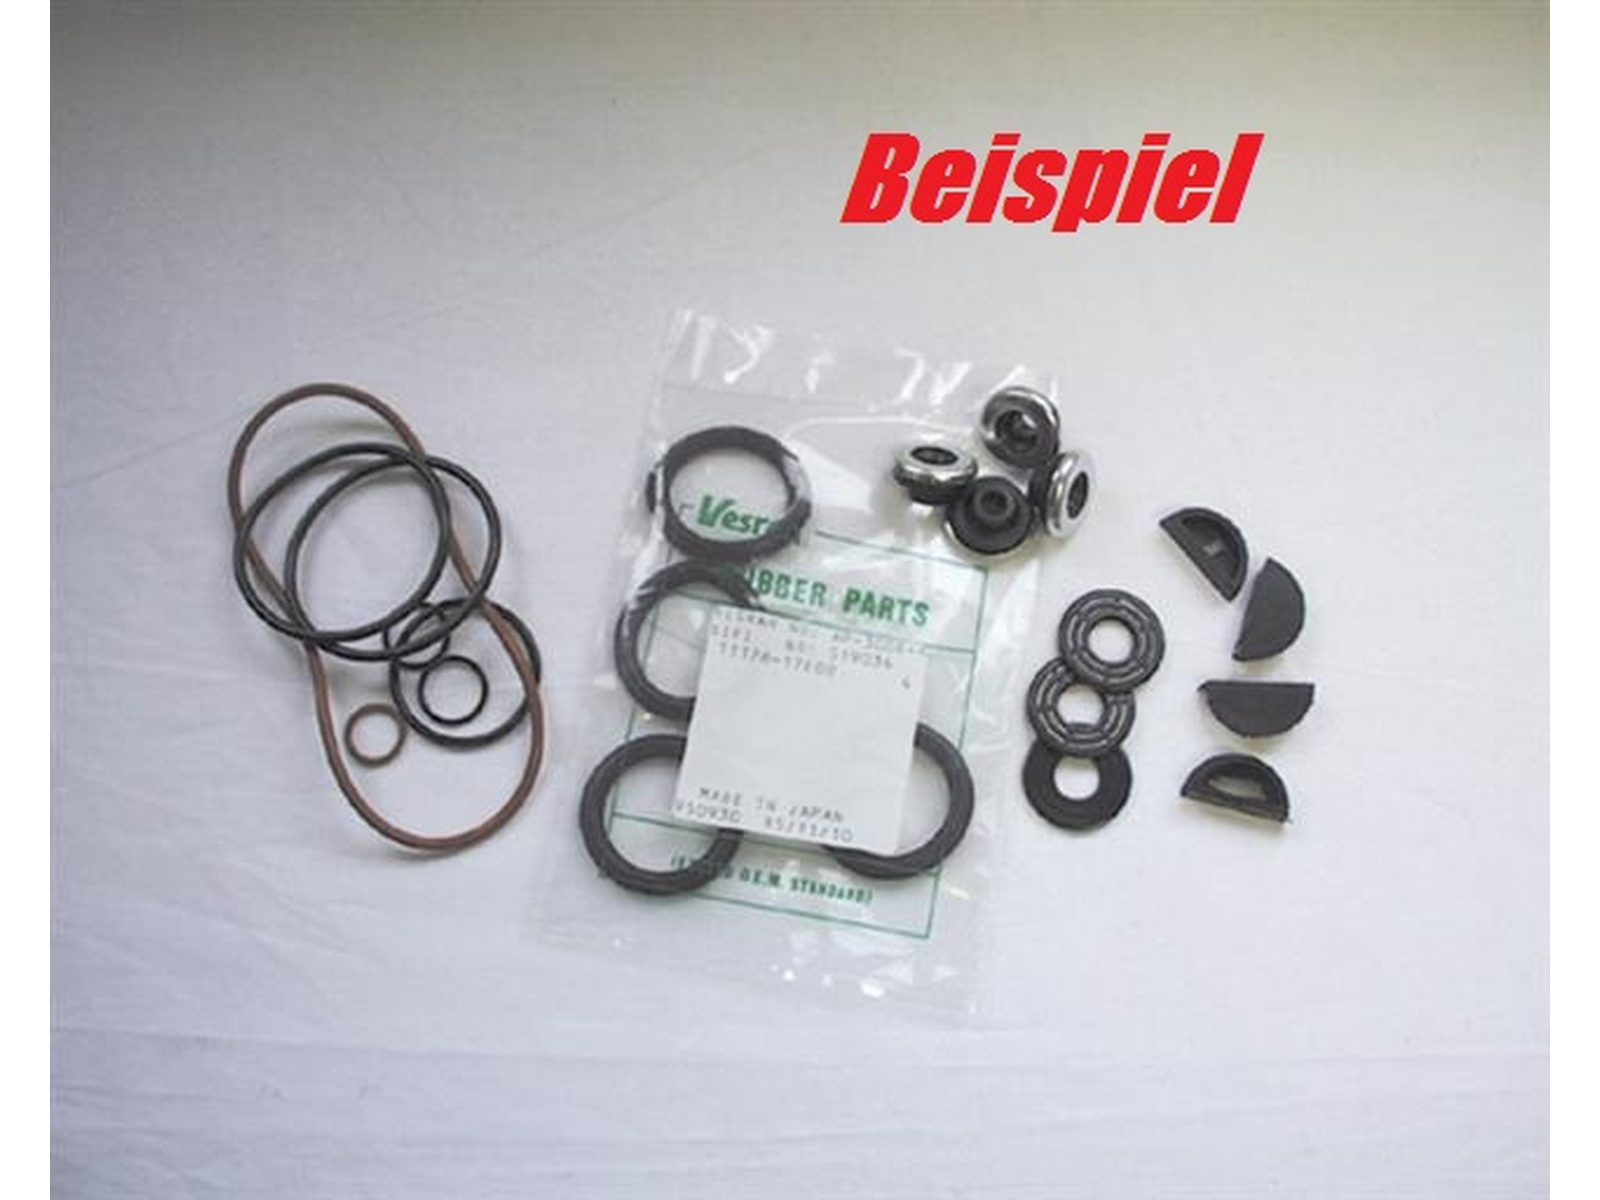 Ventildeckeldichtung Kawasaki Kz400 A/D